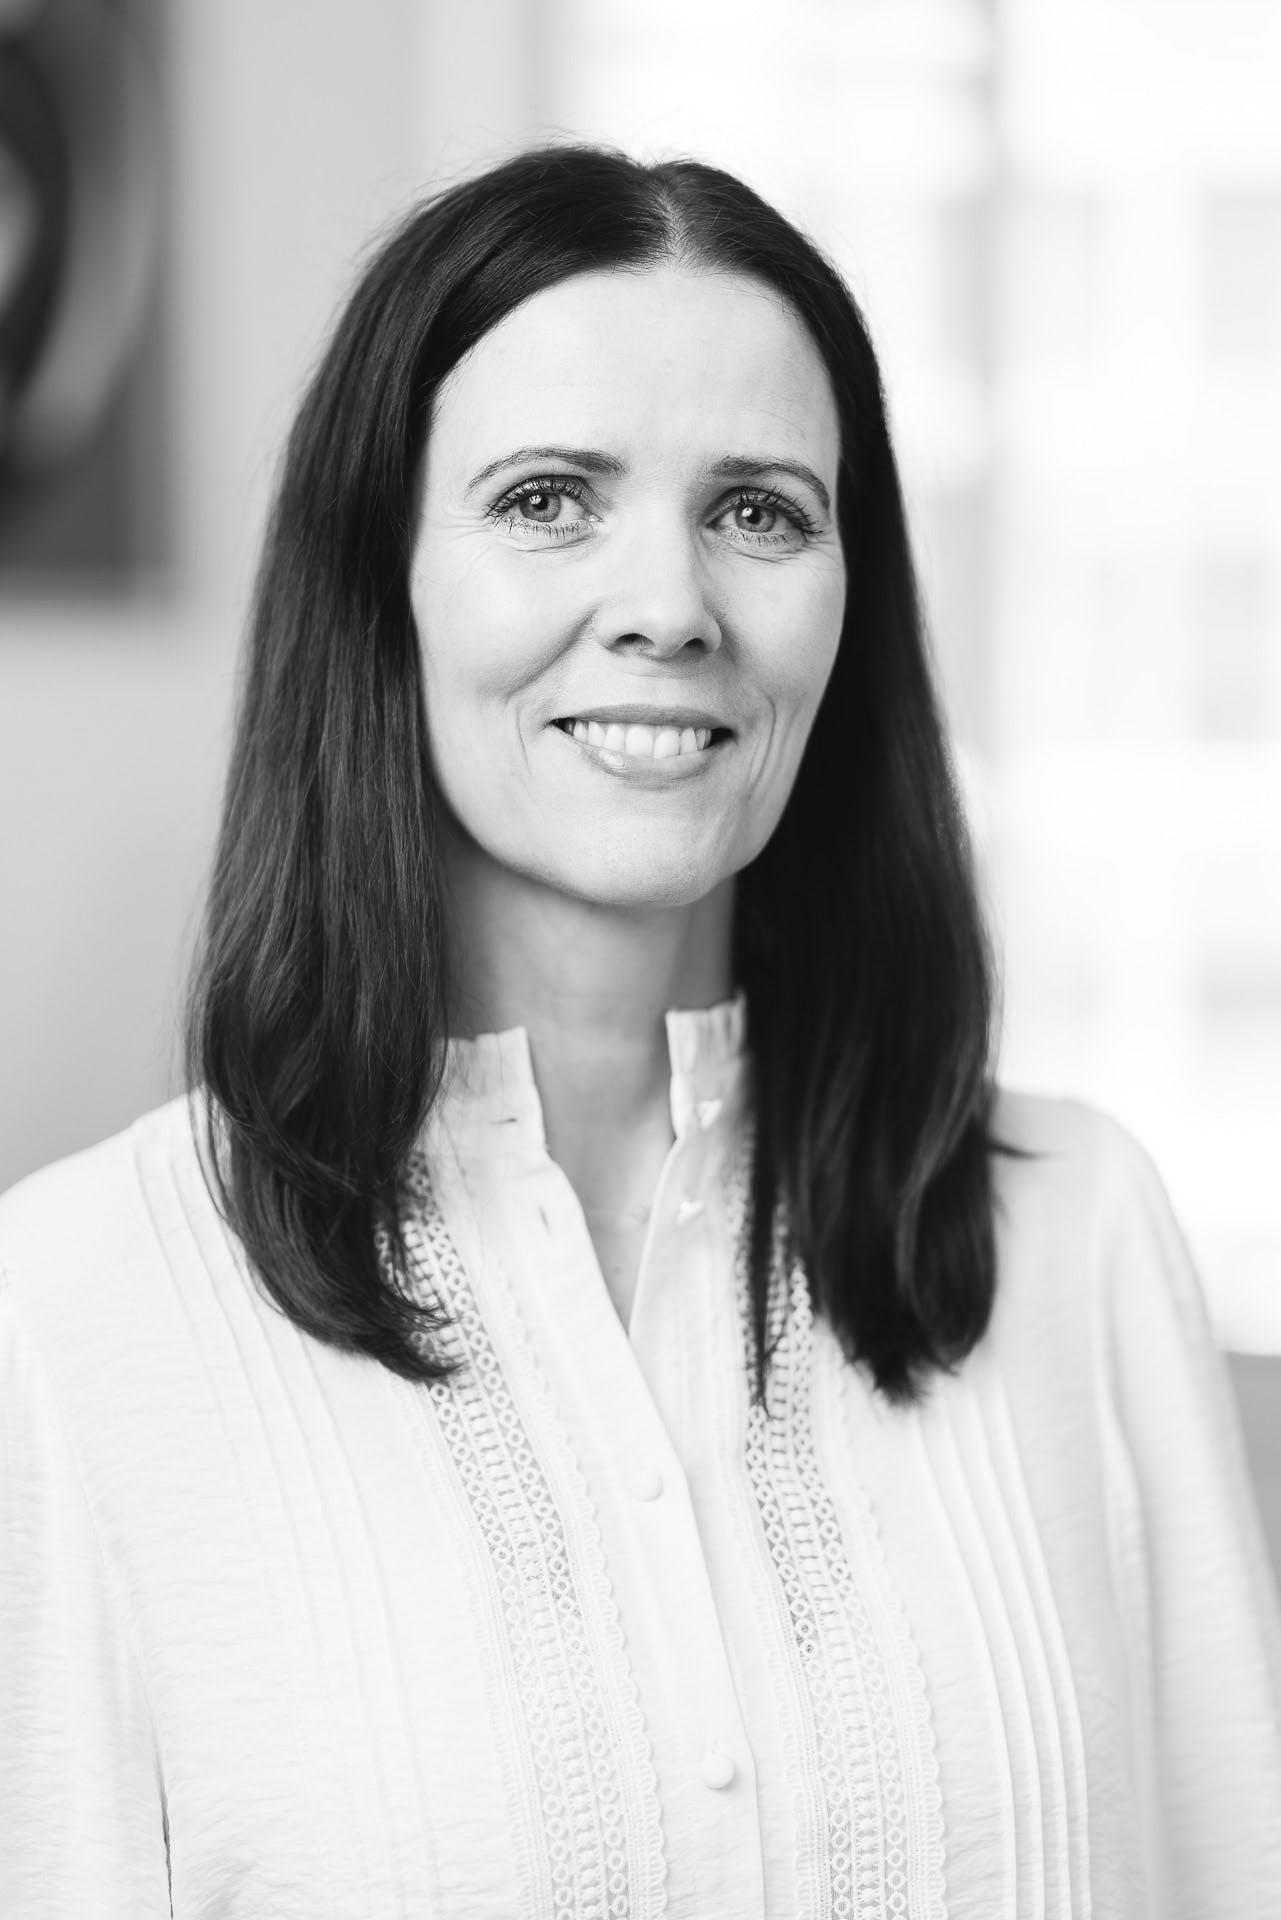 profile image of Iris Arna Johannsdottir